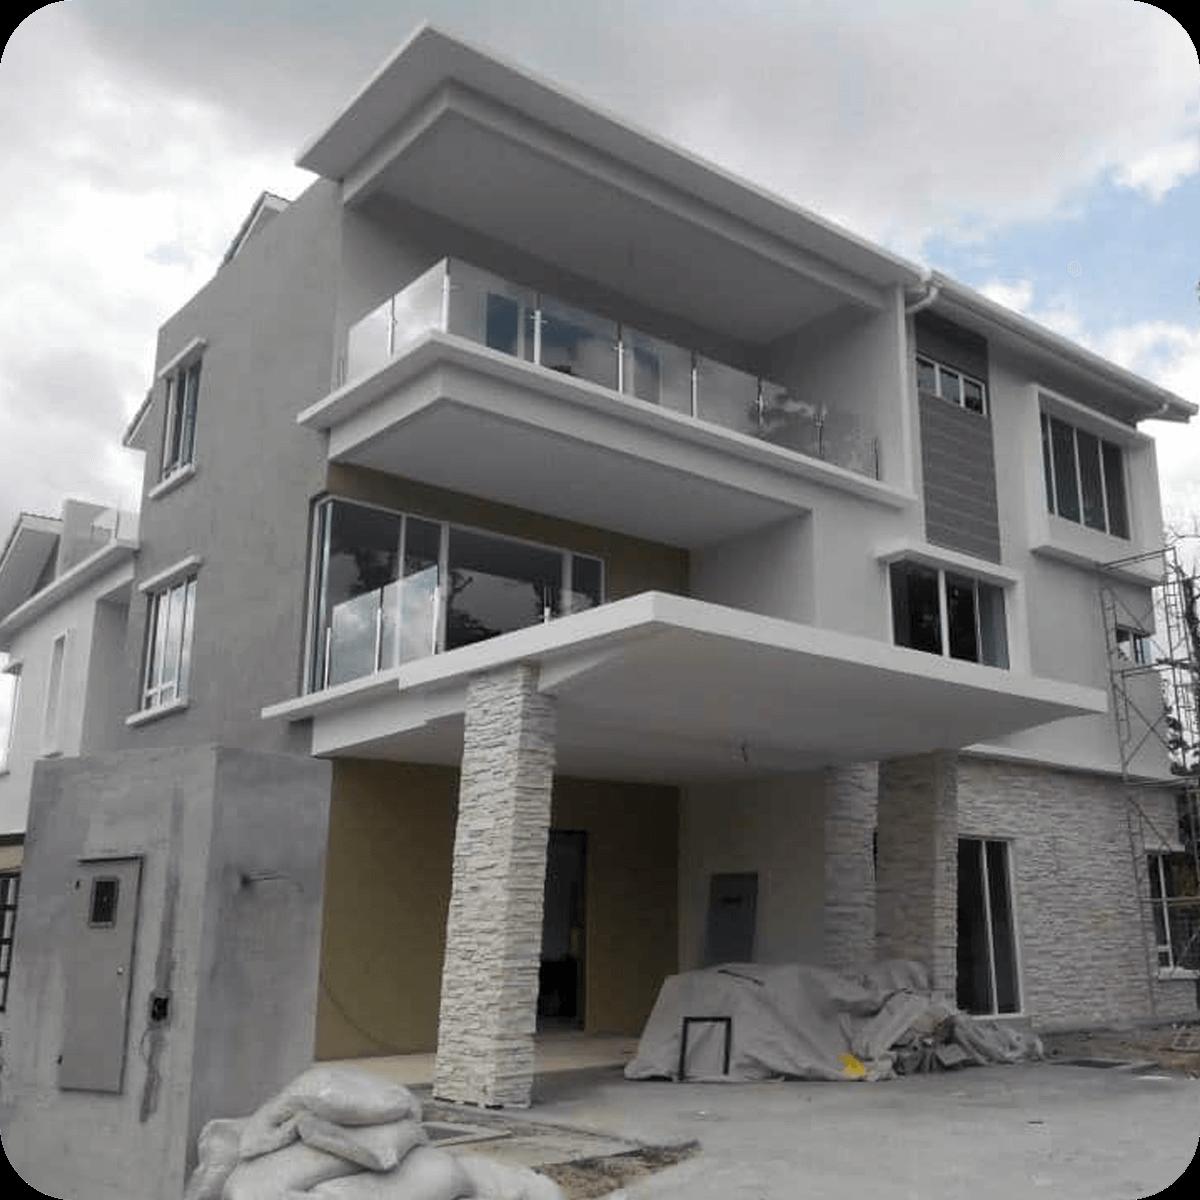 Rumah IBS   Kontraktor Bina Rumah IBS (LPPSA, KWSP & Tunai) 15